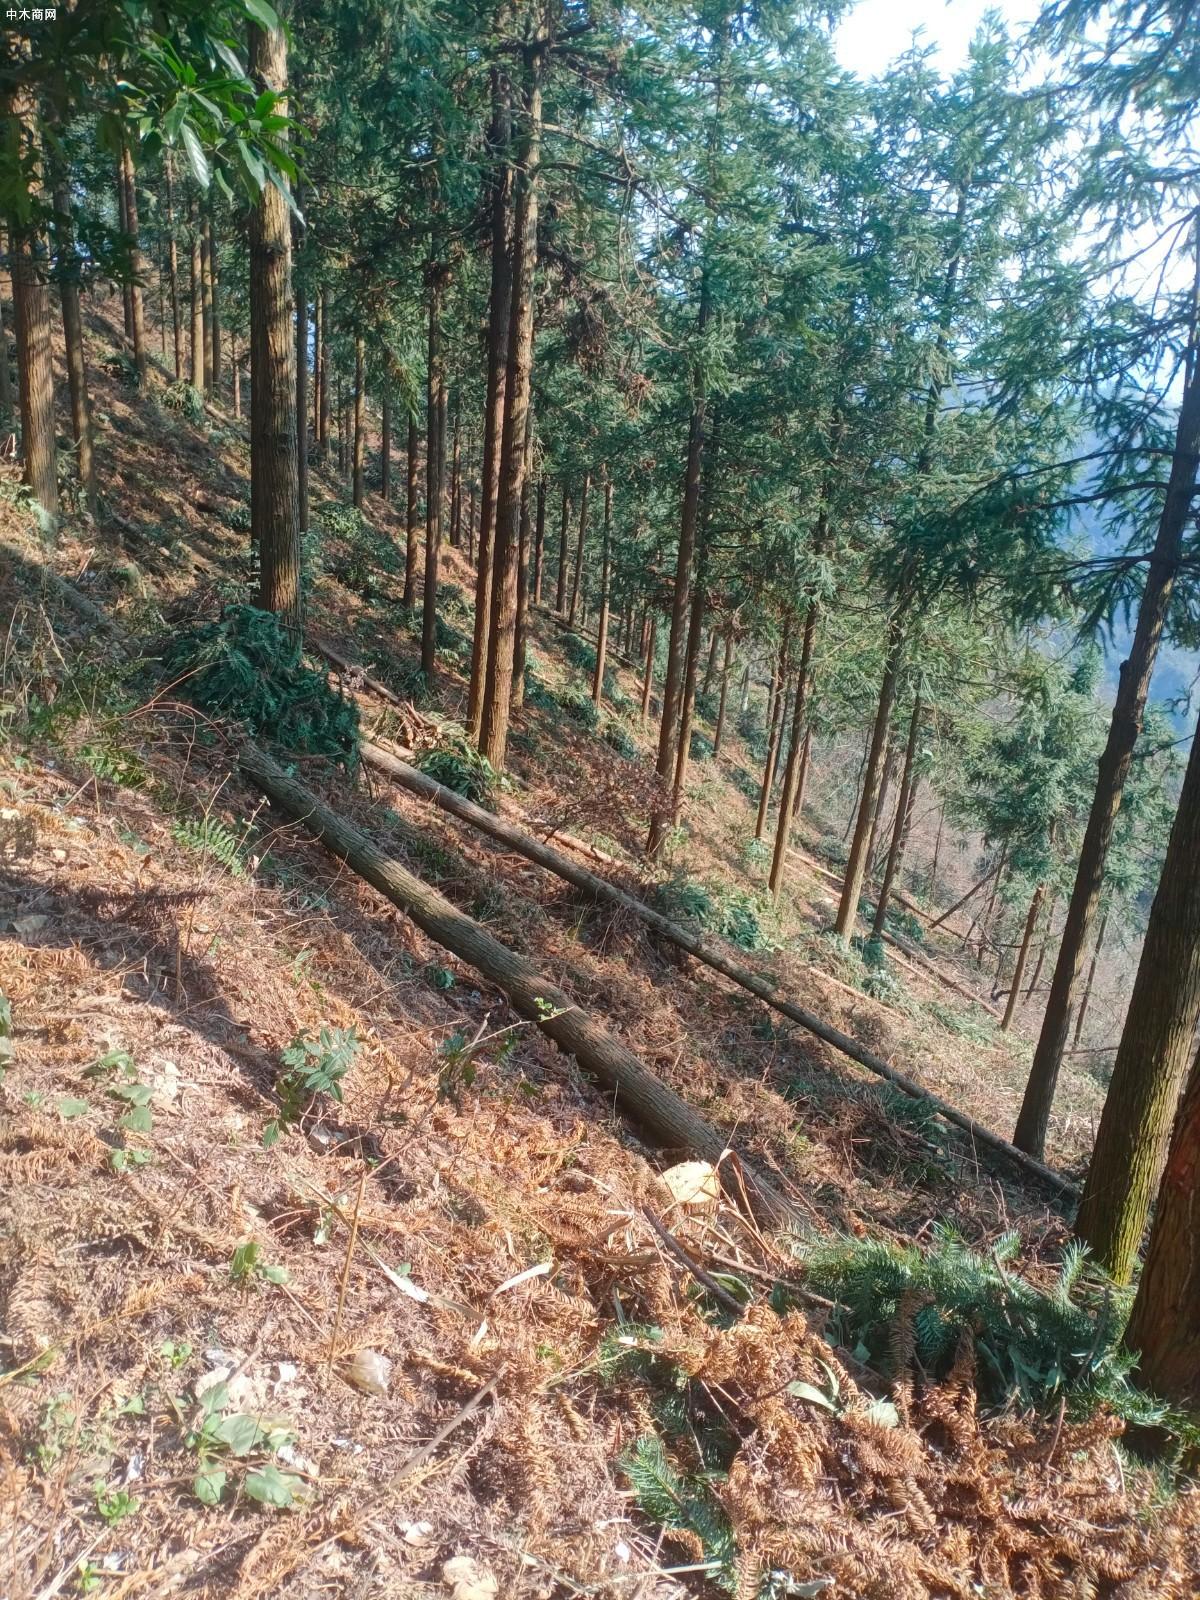 杉木原木原产地直销图片